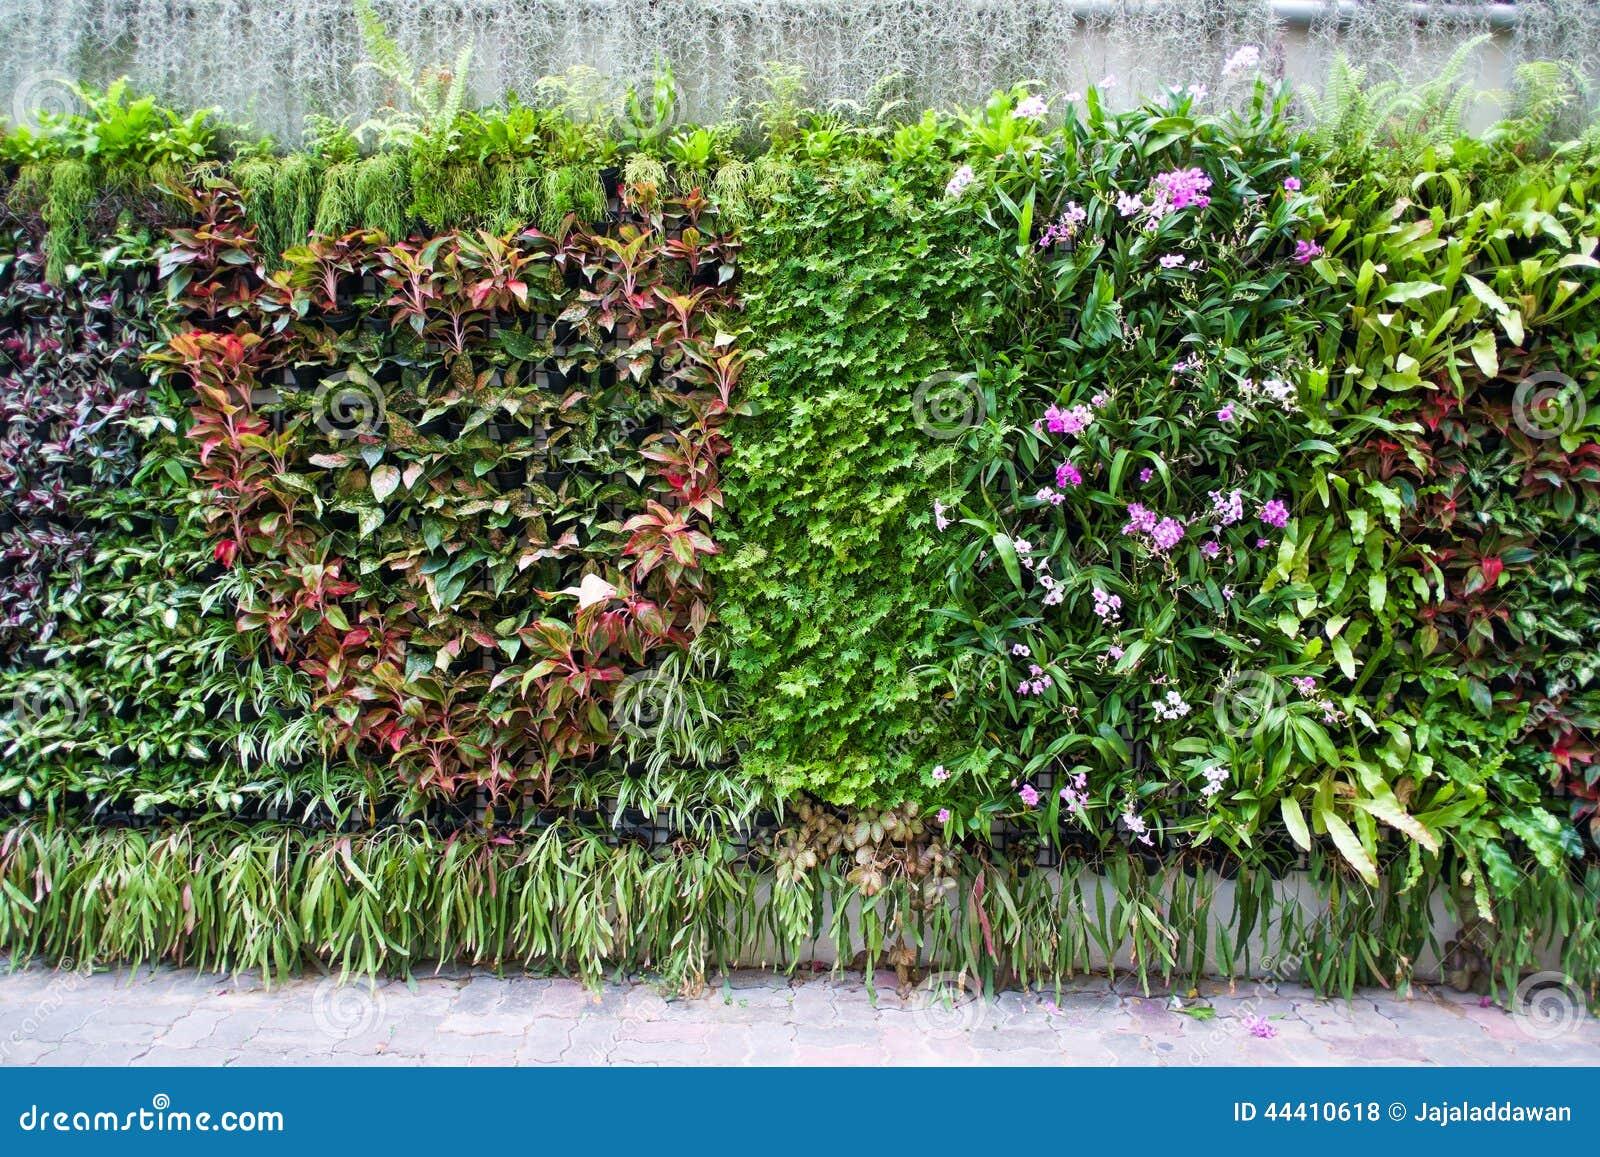 Giardino tropicale verticale fotografia stock immagine - Giardino tropicale ...